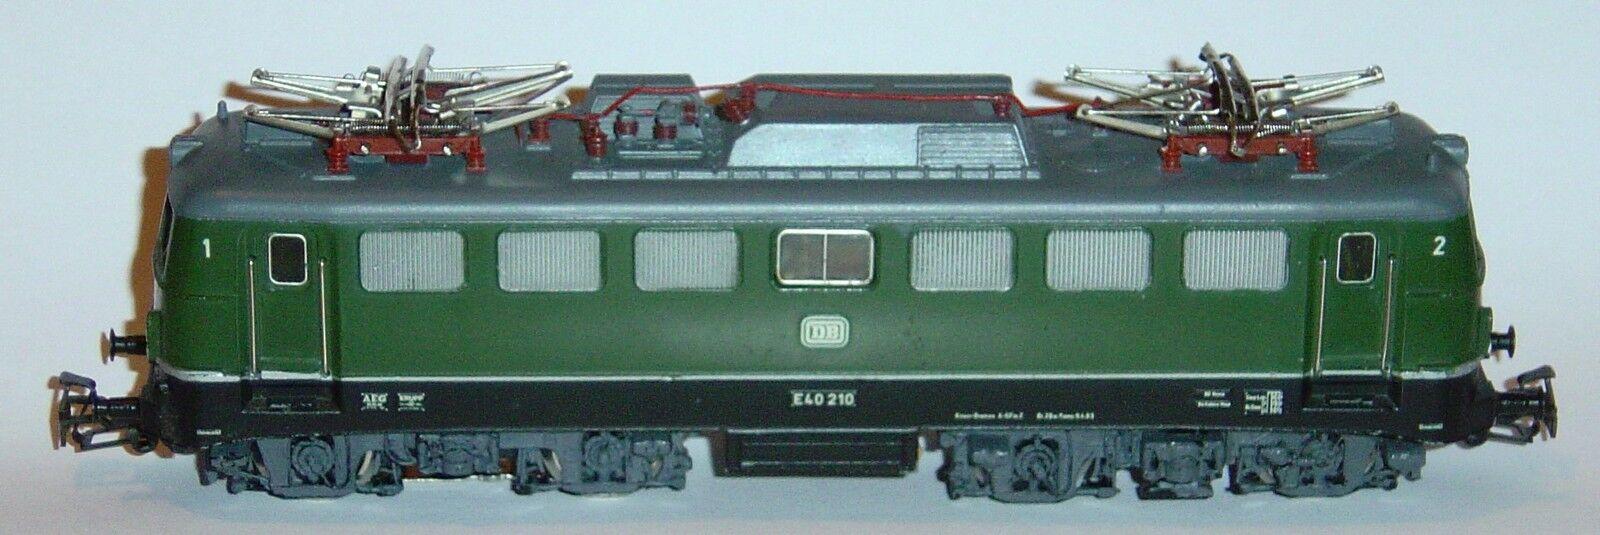 MARKLIN HO, LOCOMOTORA E40 210 DB REF.3040, ¡MOTOR NUEVO 5 POLOS, DIGITAL MFX